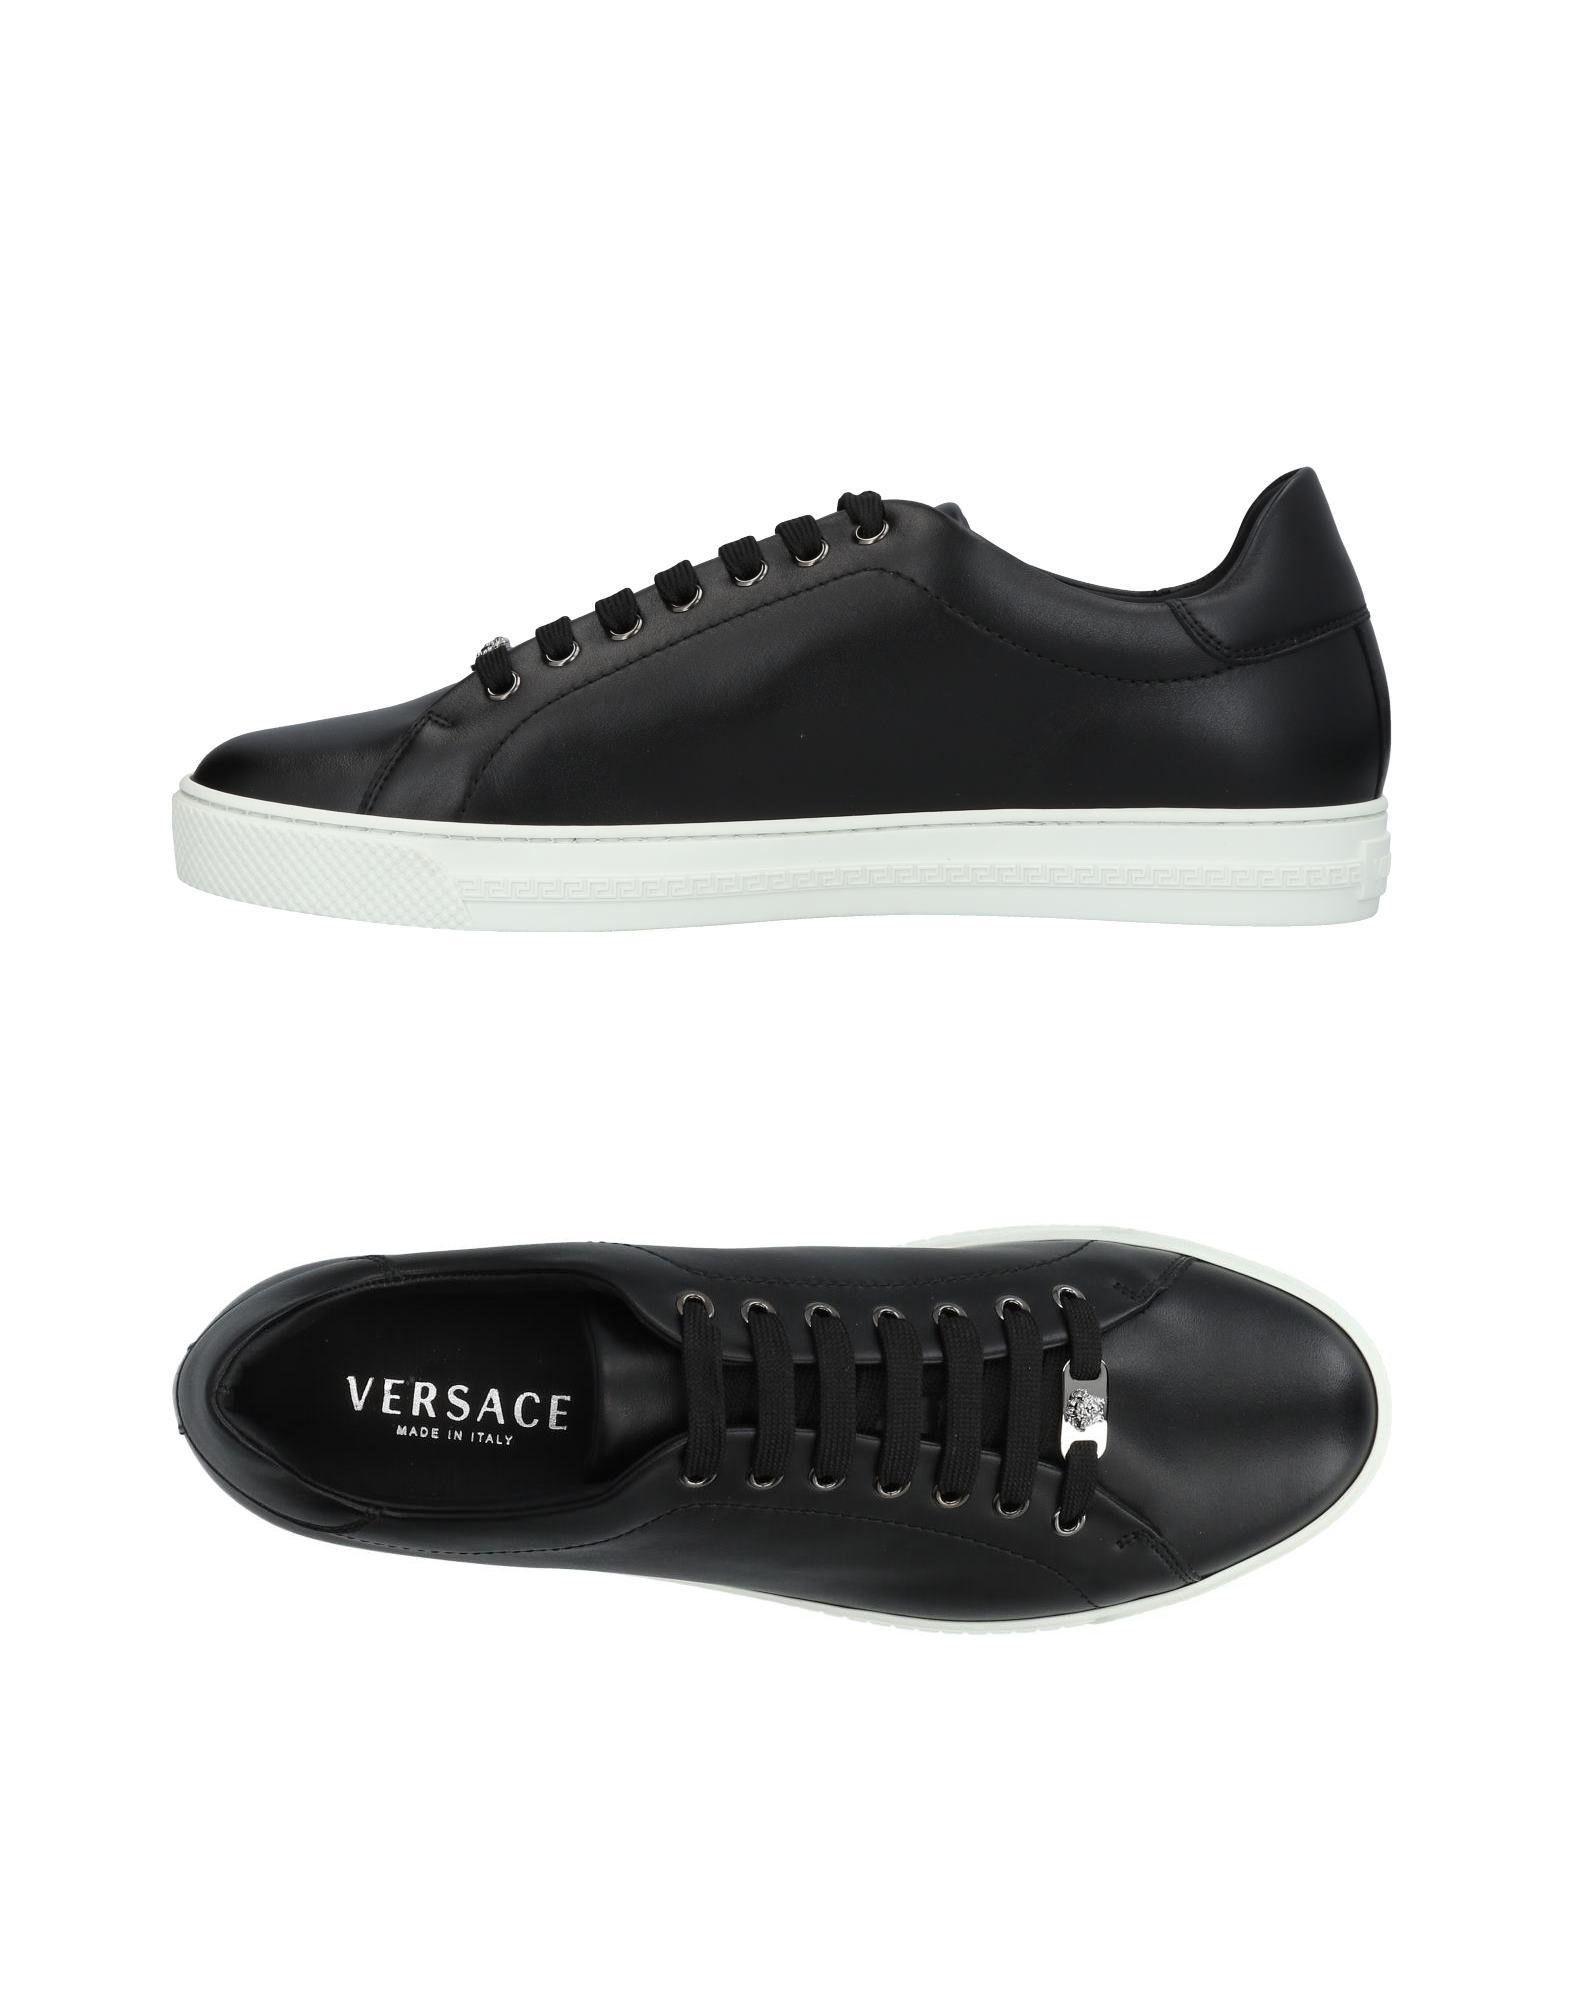 Versace Sneakers Herren  11461248VE Gute Qualität beliebte Schuhe